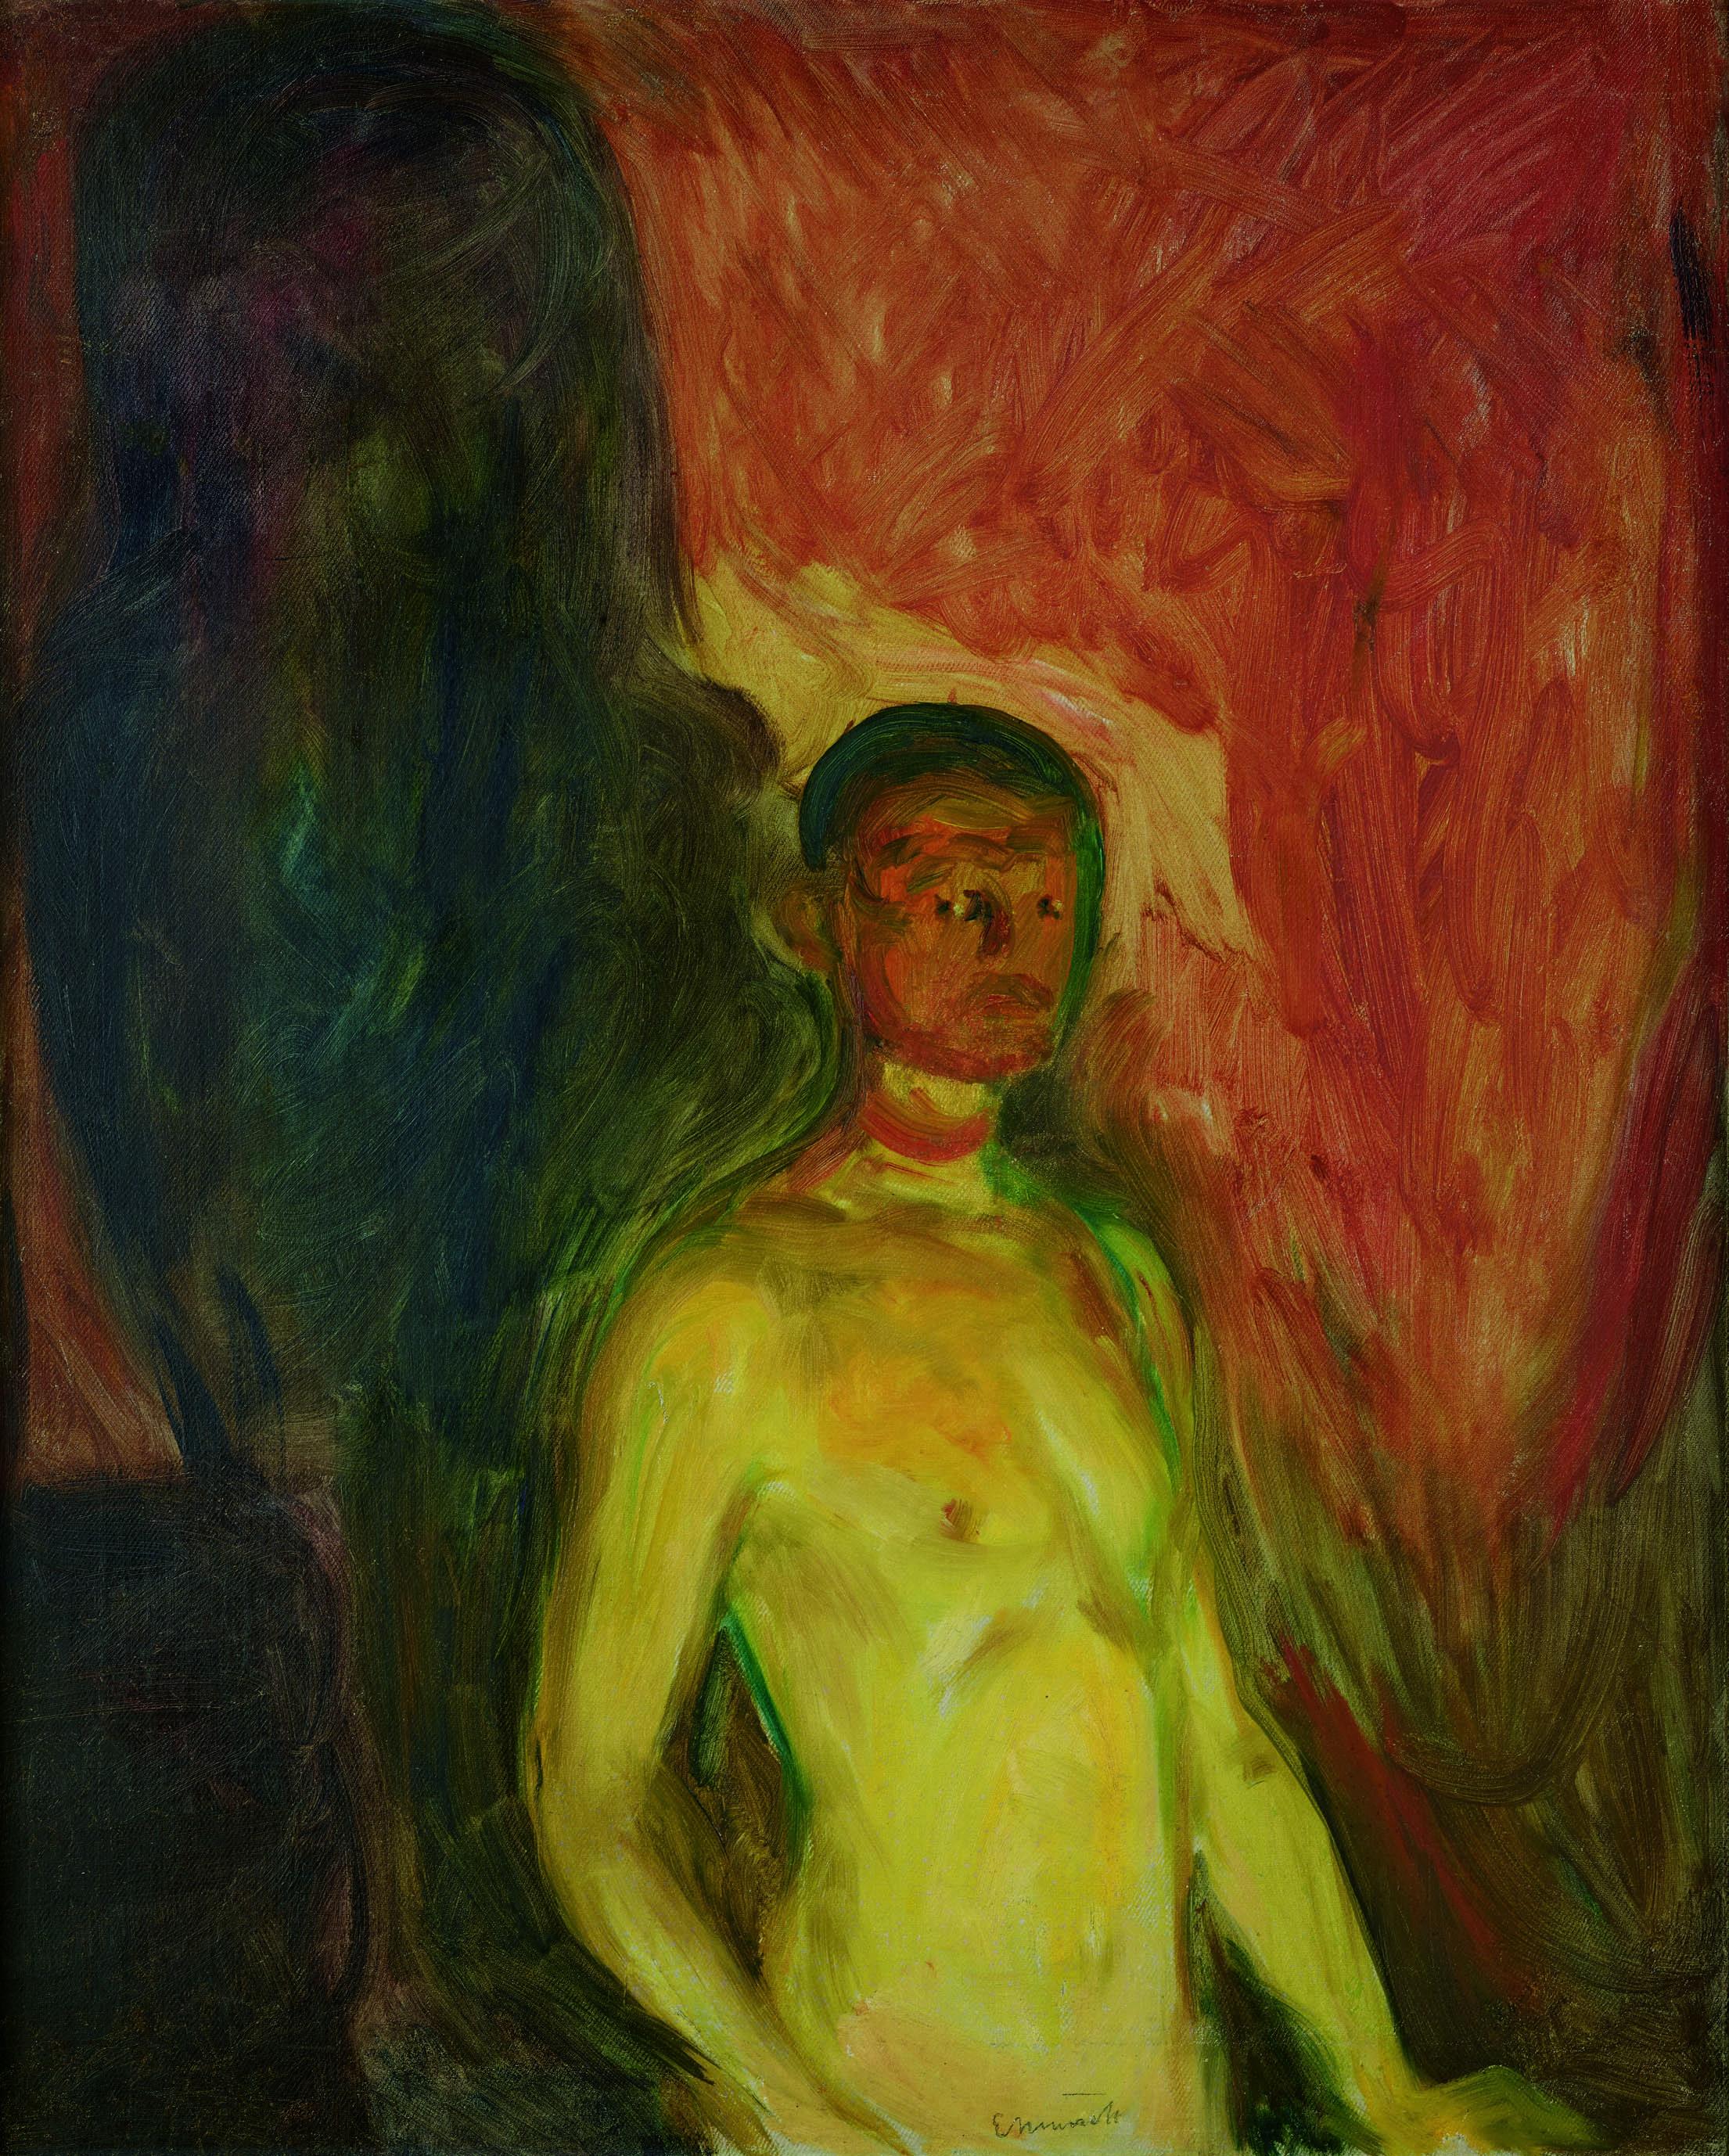 エドヴァルド・ムンク《地獄の自画像》1903年 油彩、カンヴァス 82×66cm